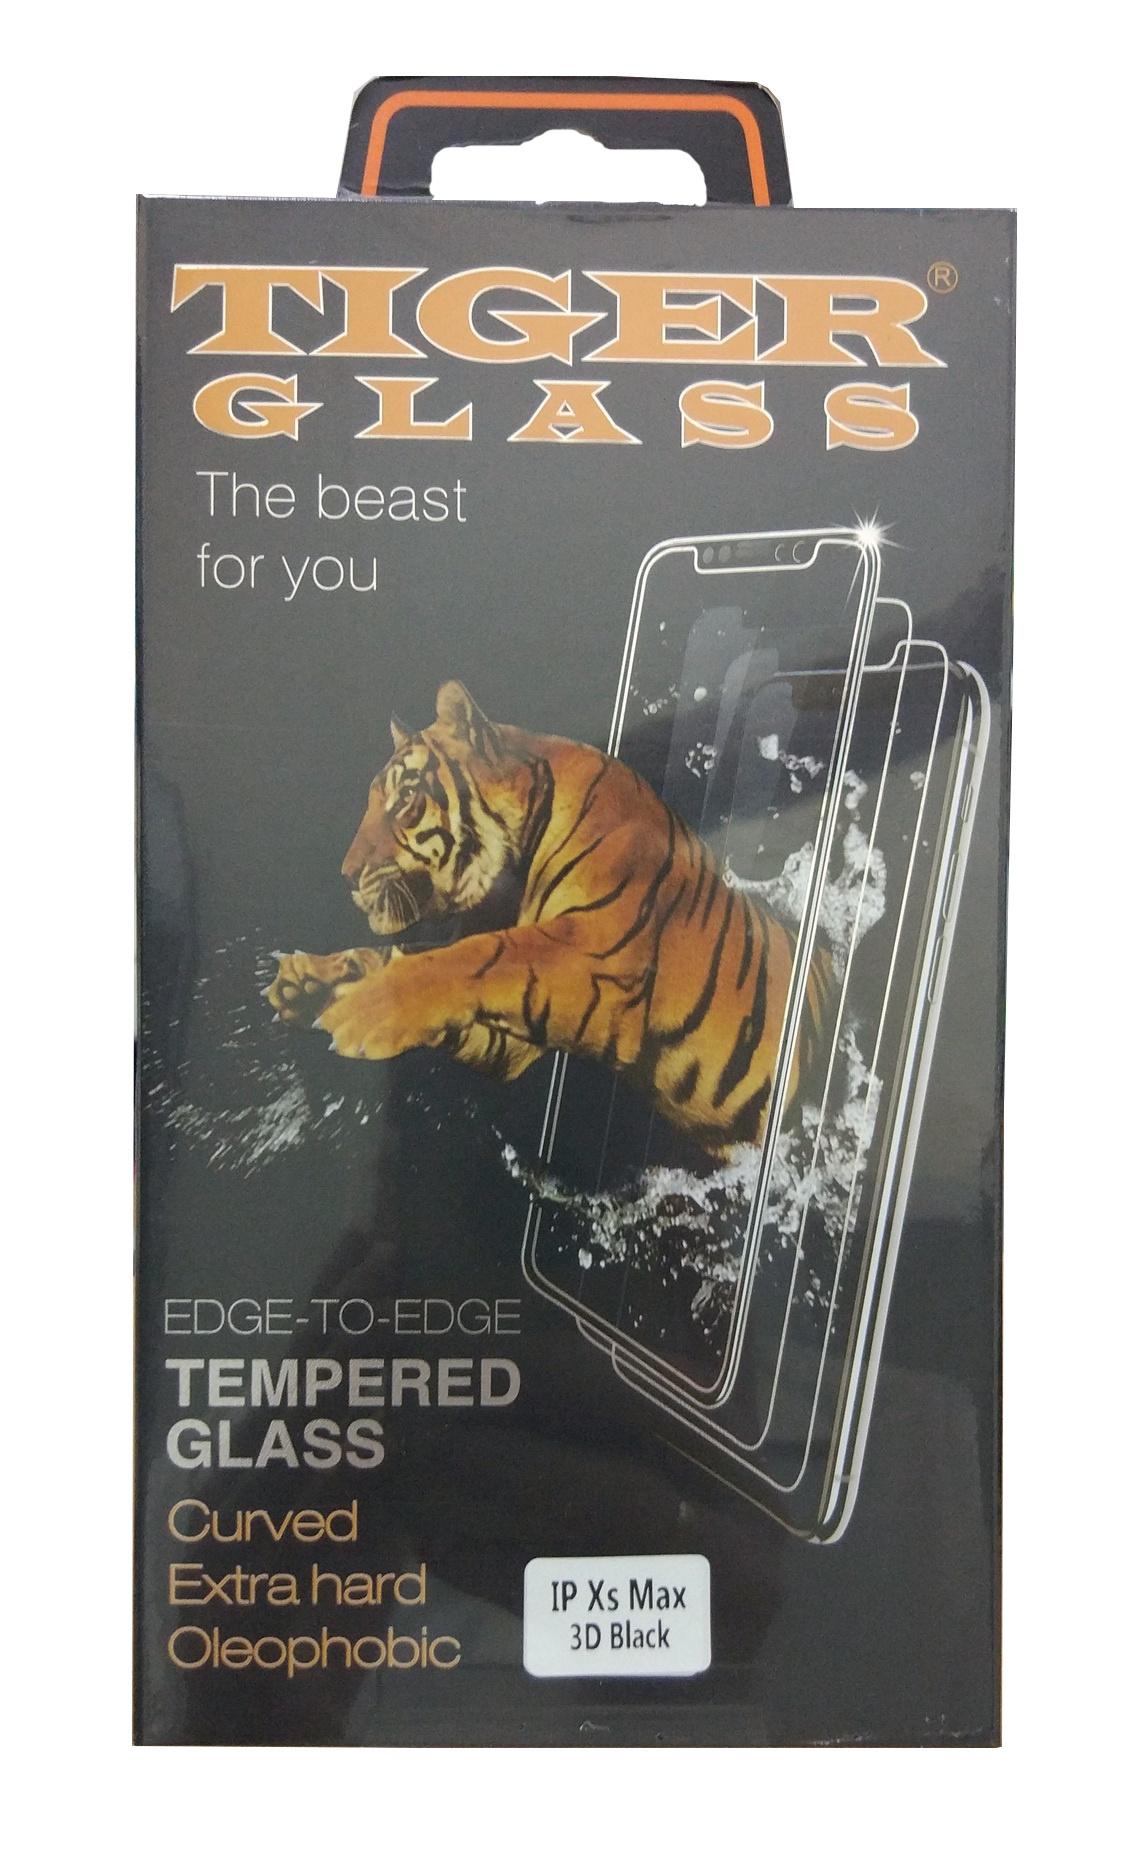 Защитное стекло 3D iPhone Xs Max 6.5 (Tiger Glass), черный защитное стекло 3d borasco 19775 для iphone 6 iphone 6s черная рамка